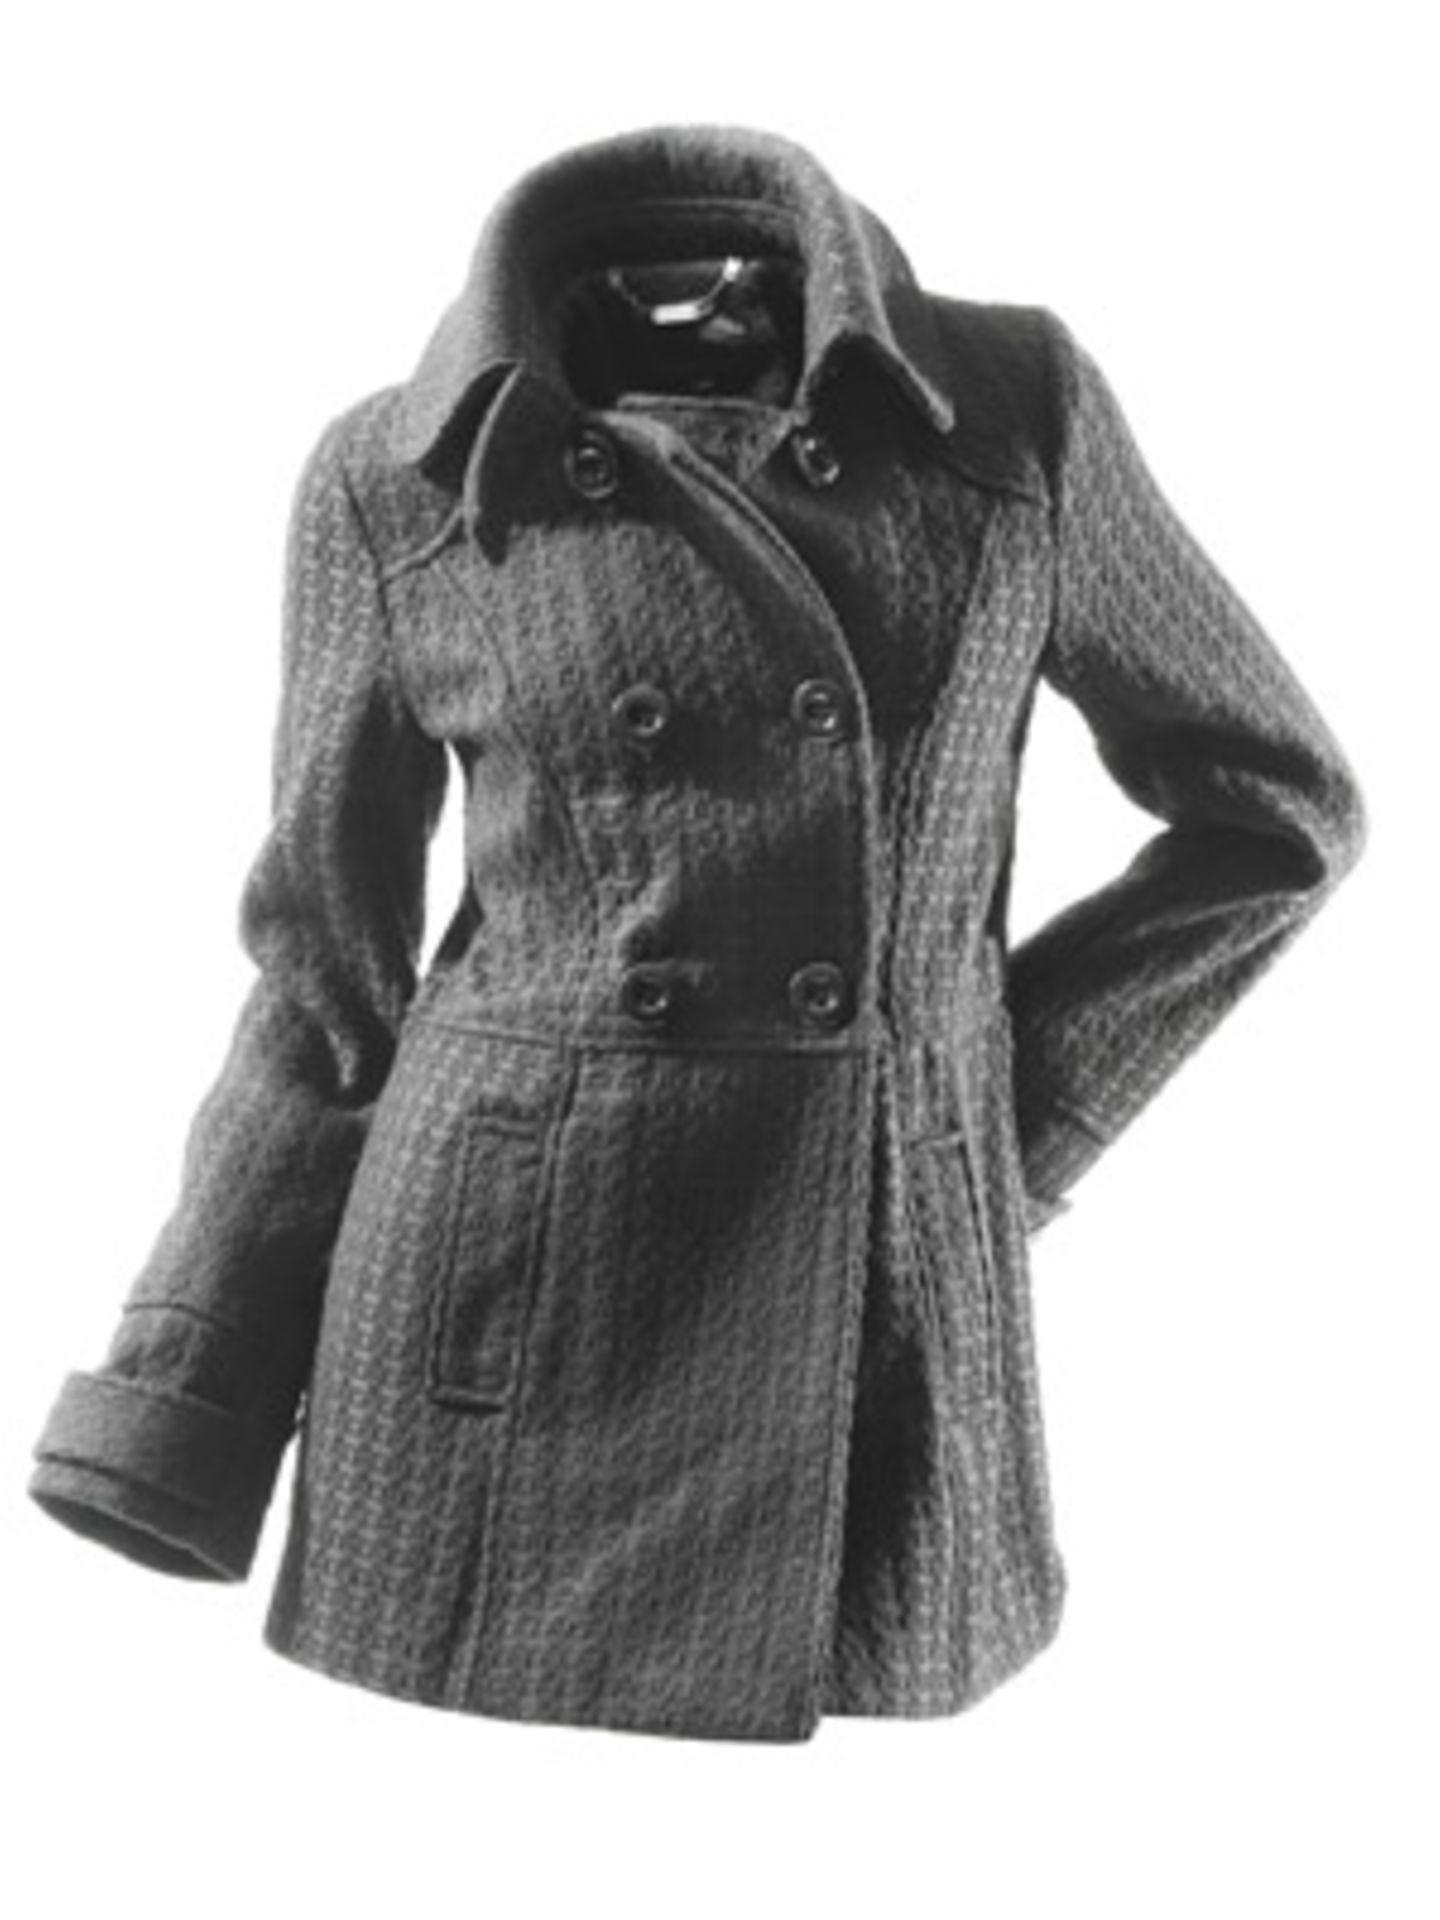 Zweireiher in Grau mit Taillenbetonung von New Yorker, ca. 60 Euro.